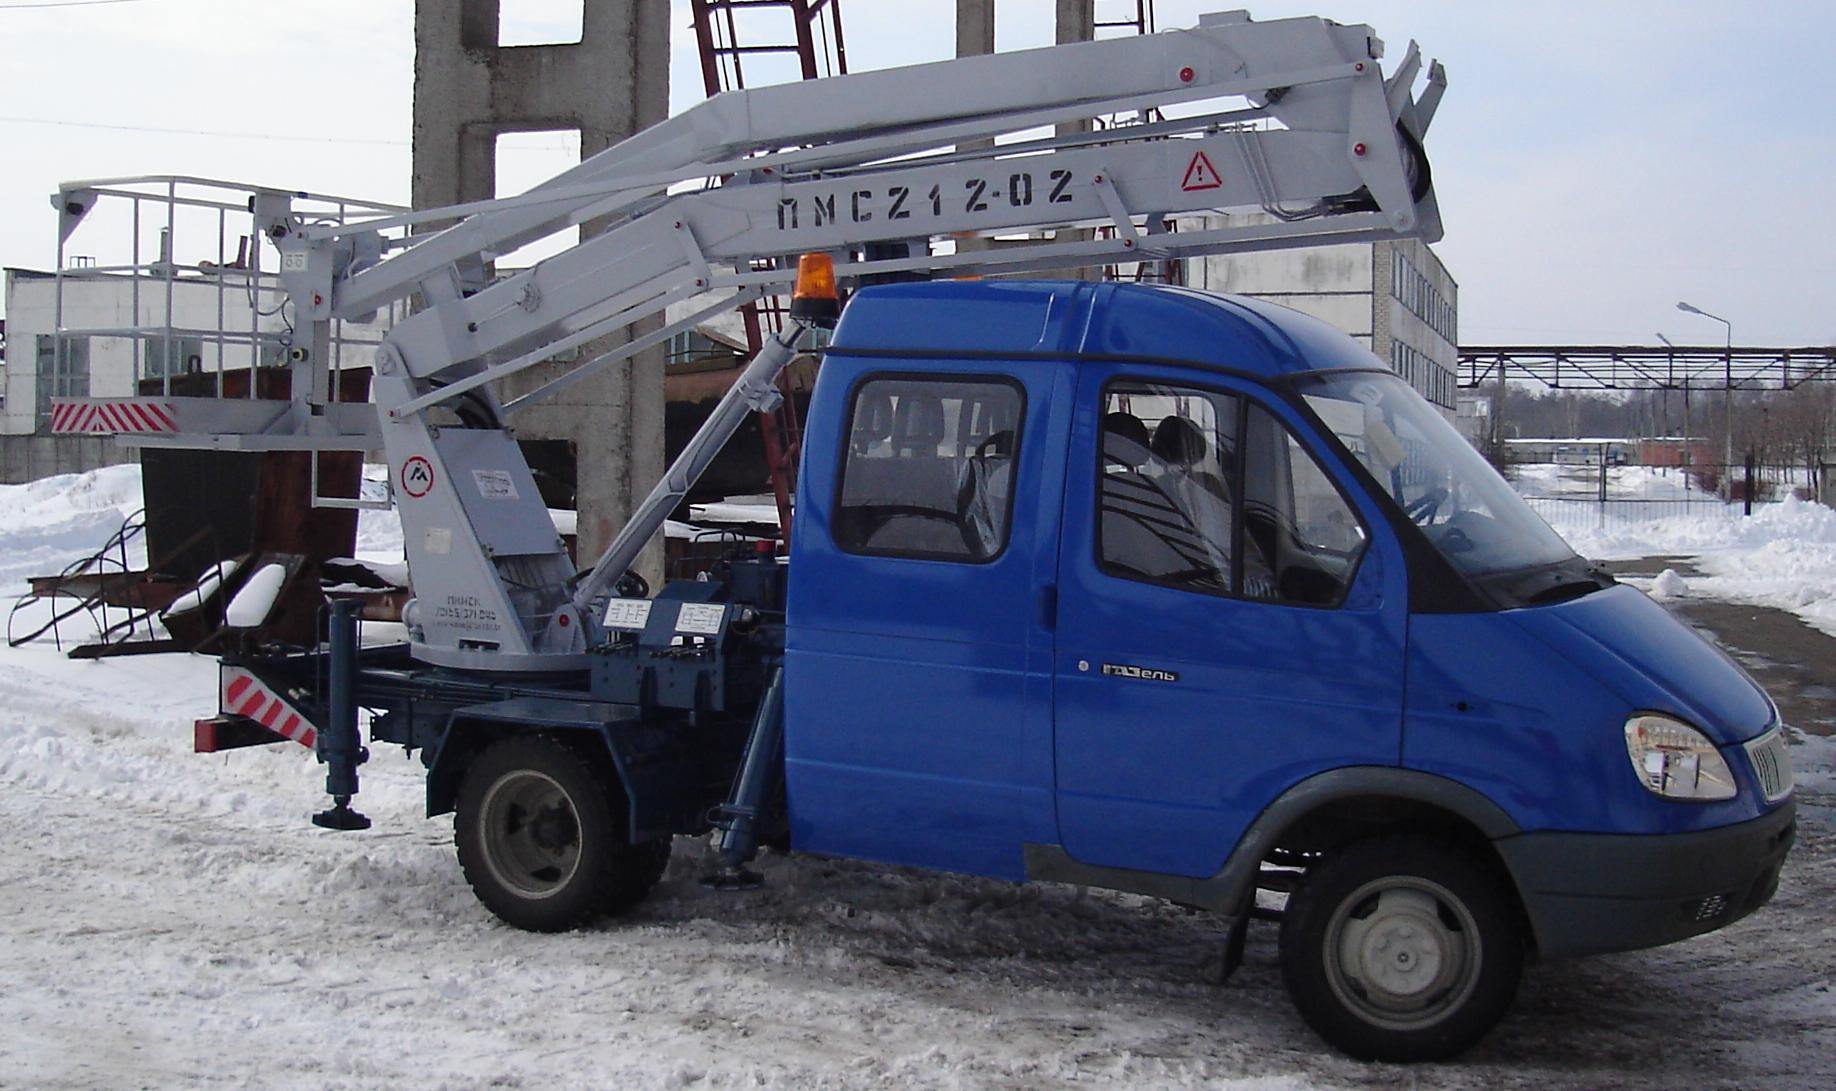 ПМС-212-02 ГАЗ 33023